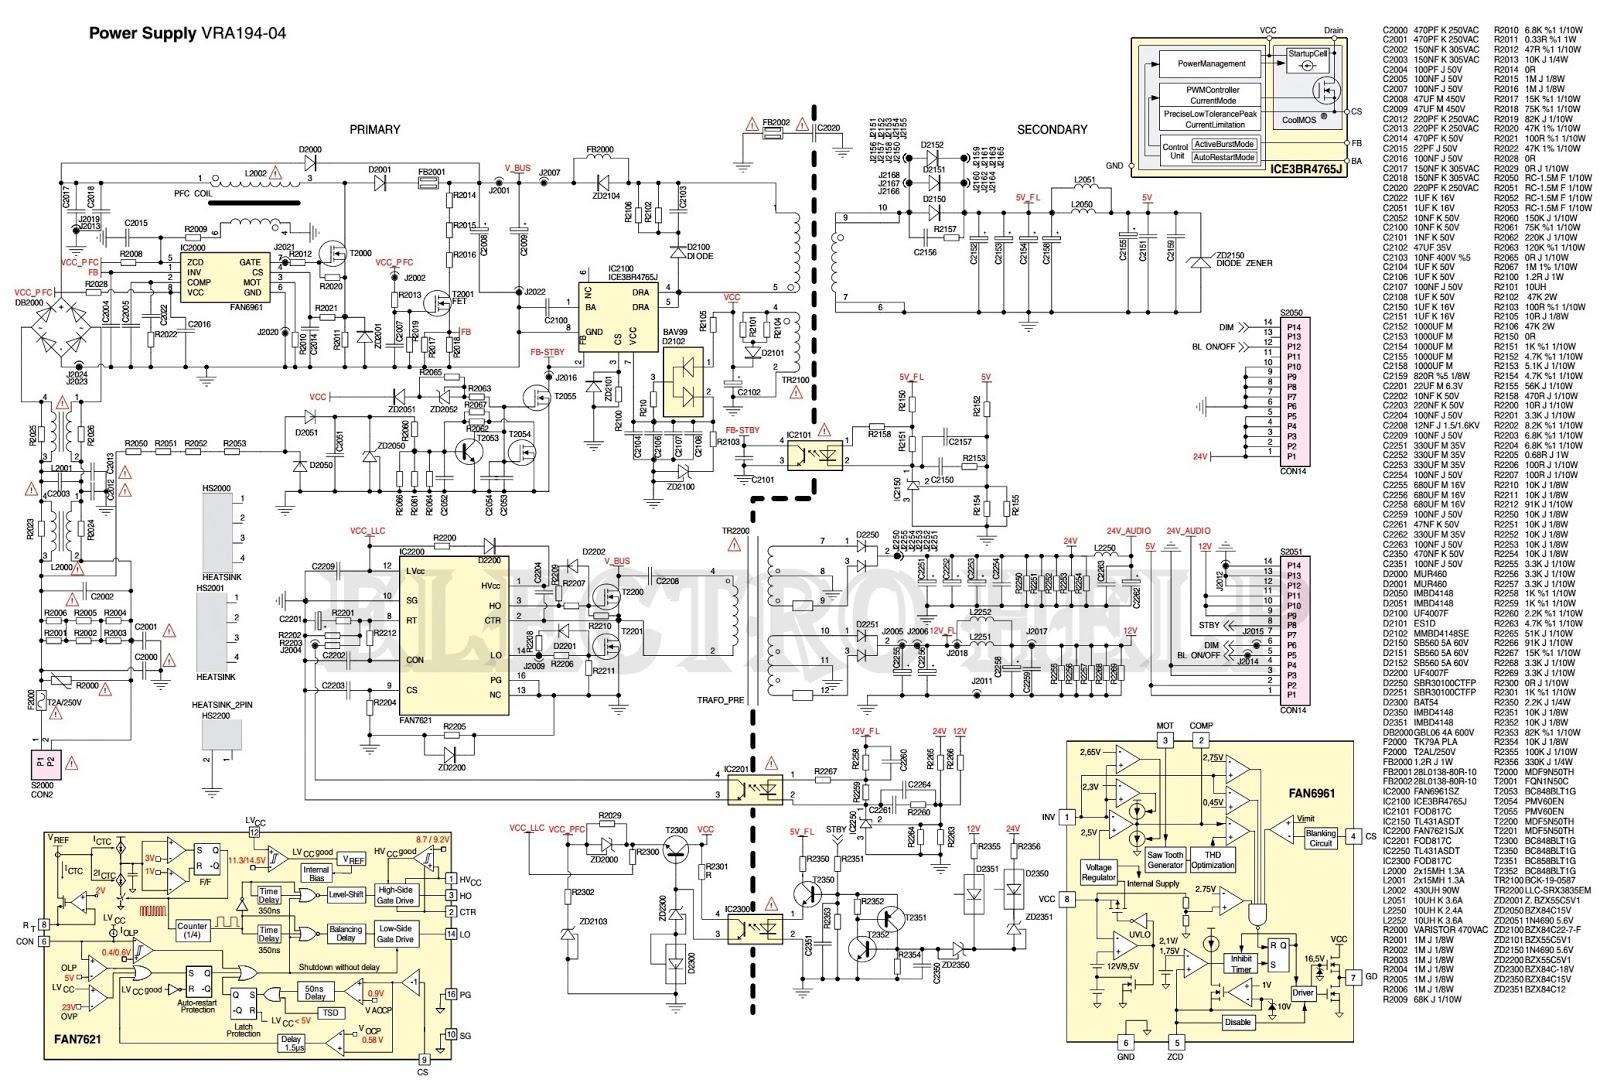 CB_2667] Smart Tv Wiring Diagram Wiring DiagramEmbo Ungo Momece Mohammedshrine Librar Wiring 101